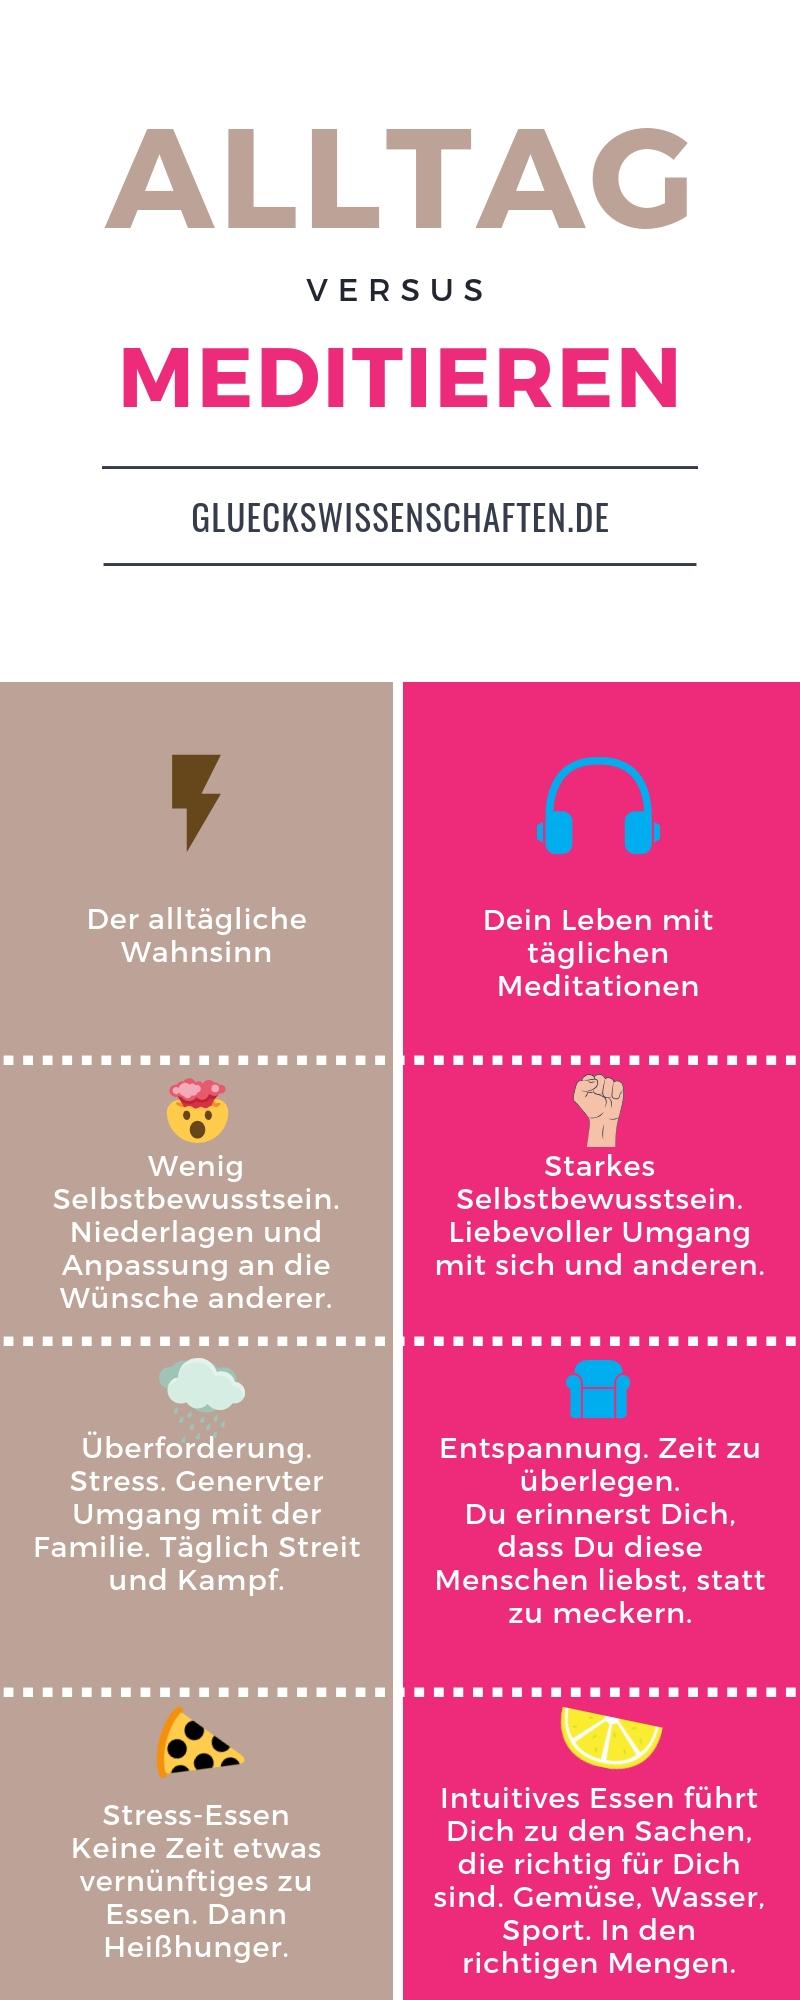 Infografik Alltag versus Meditieren